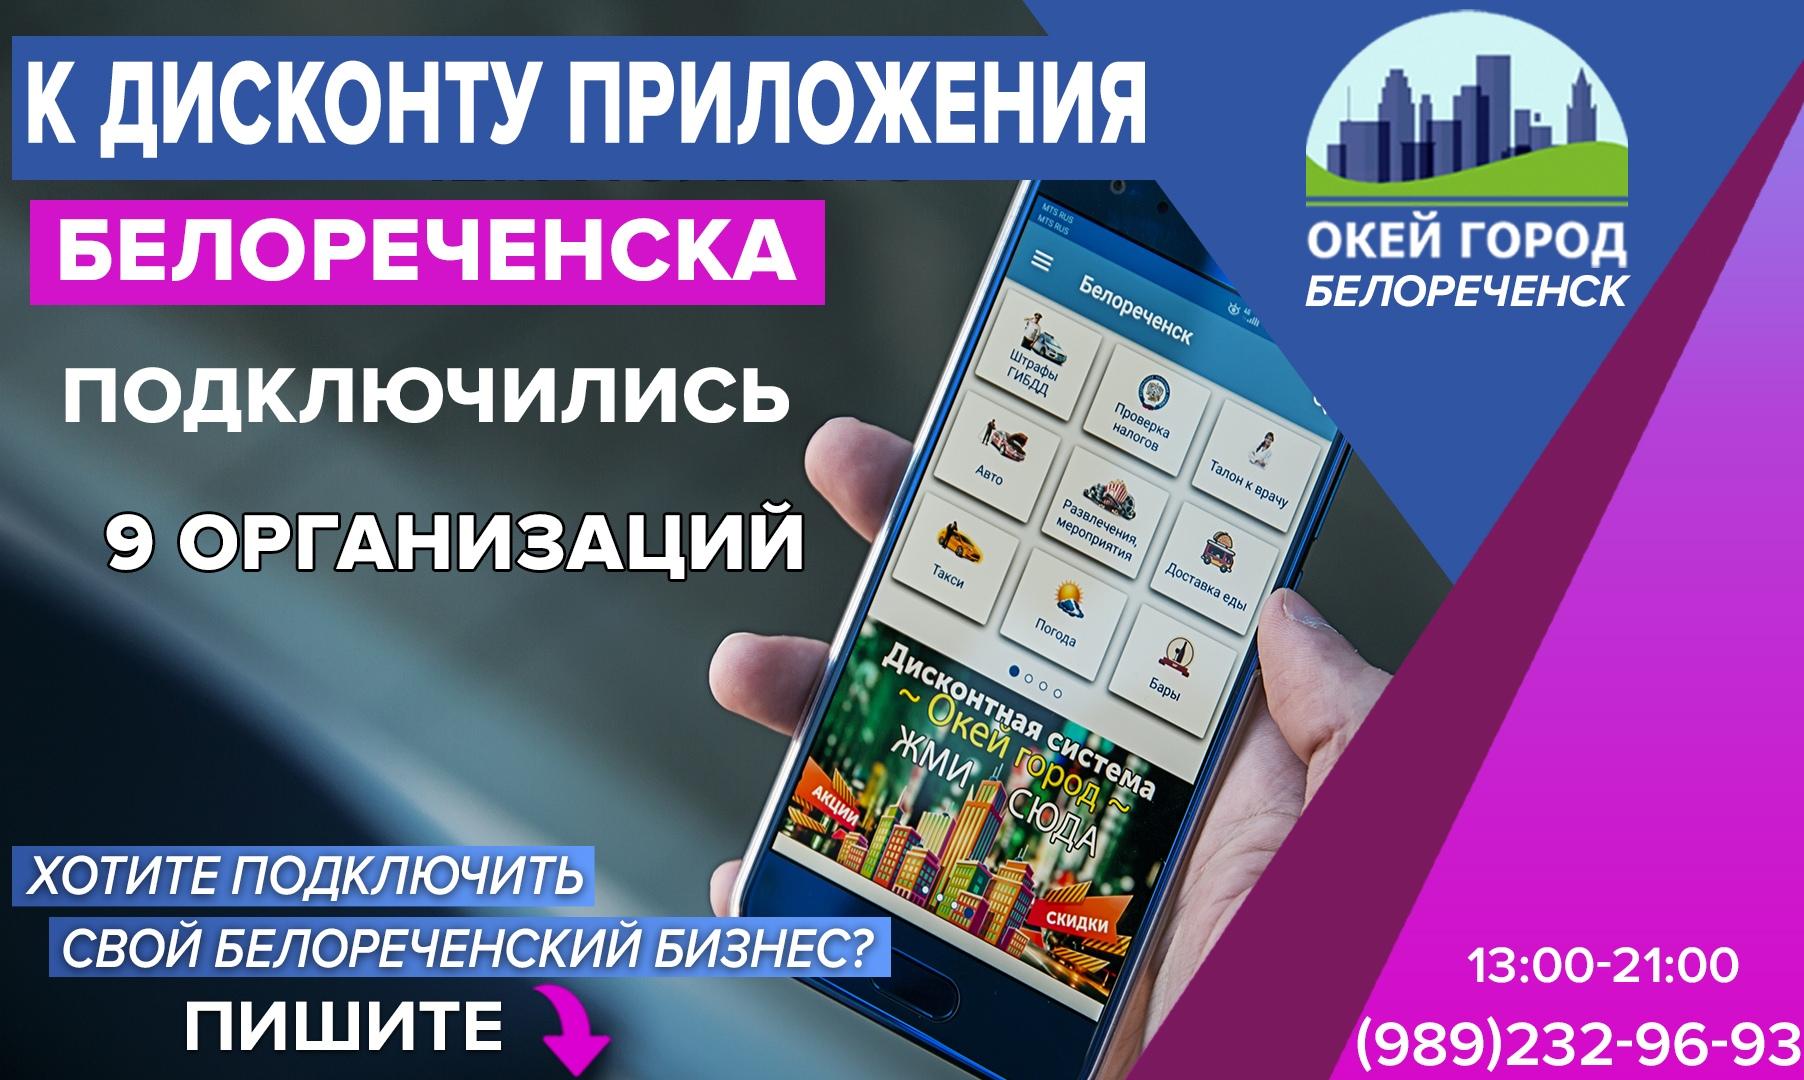 9 организаций Белореченска предоставляют скидку пользователям.